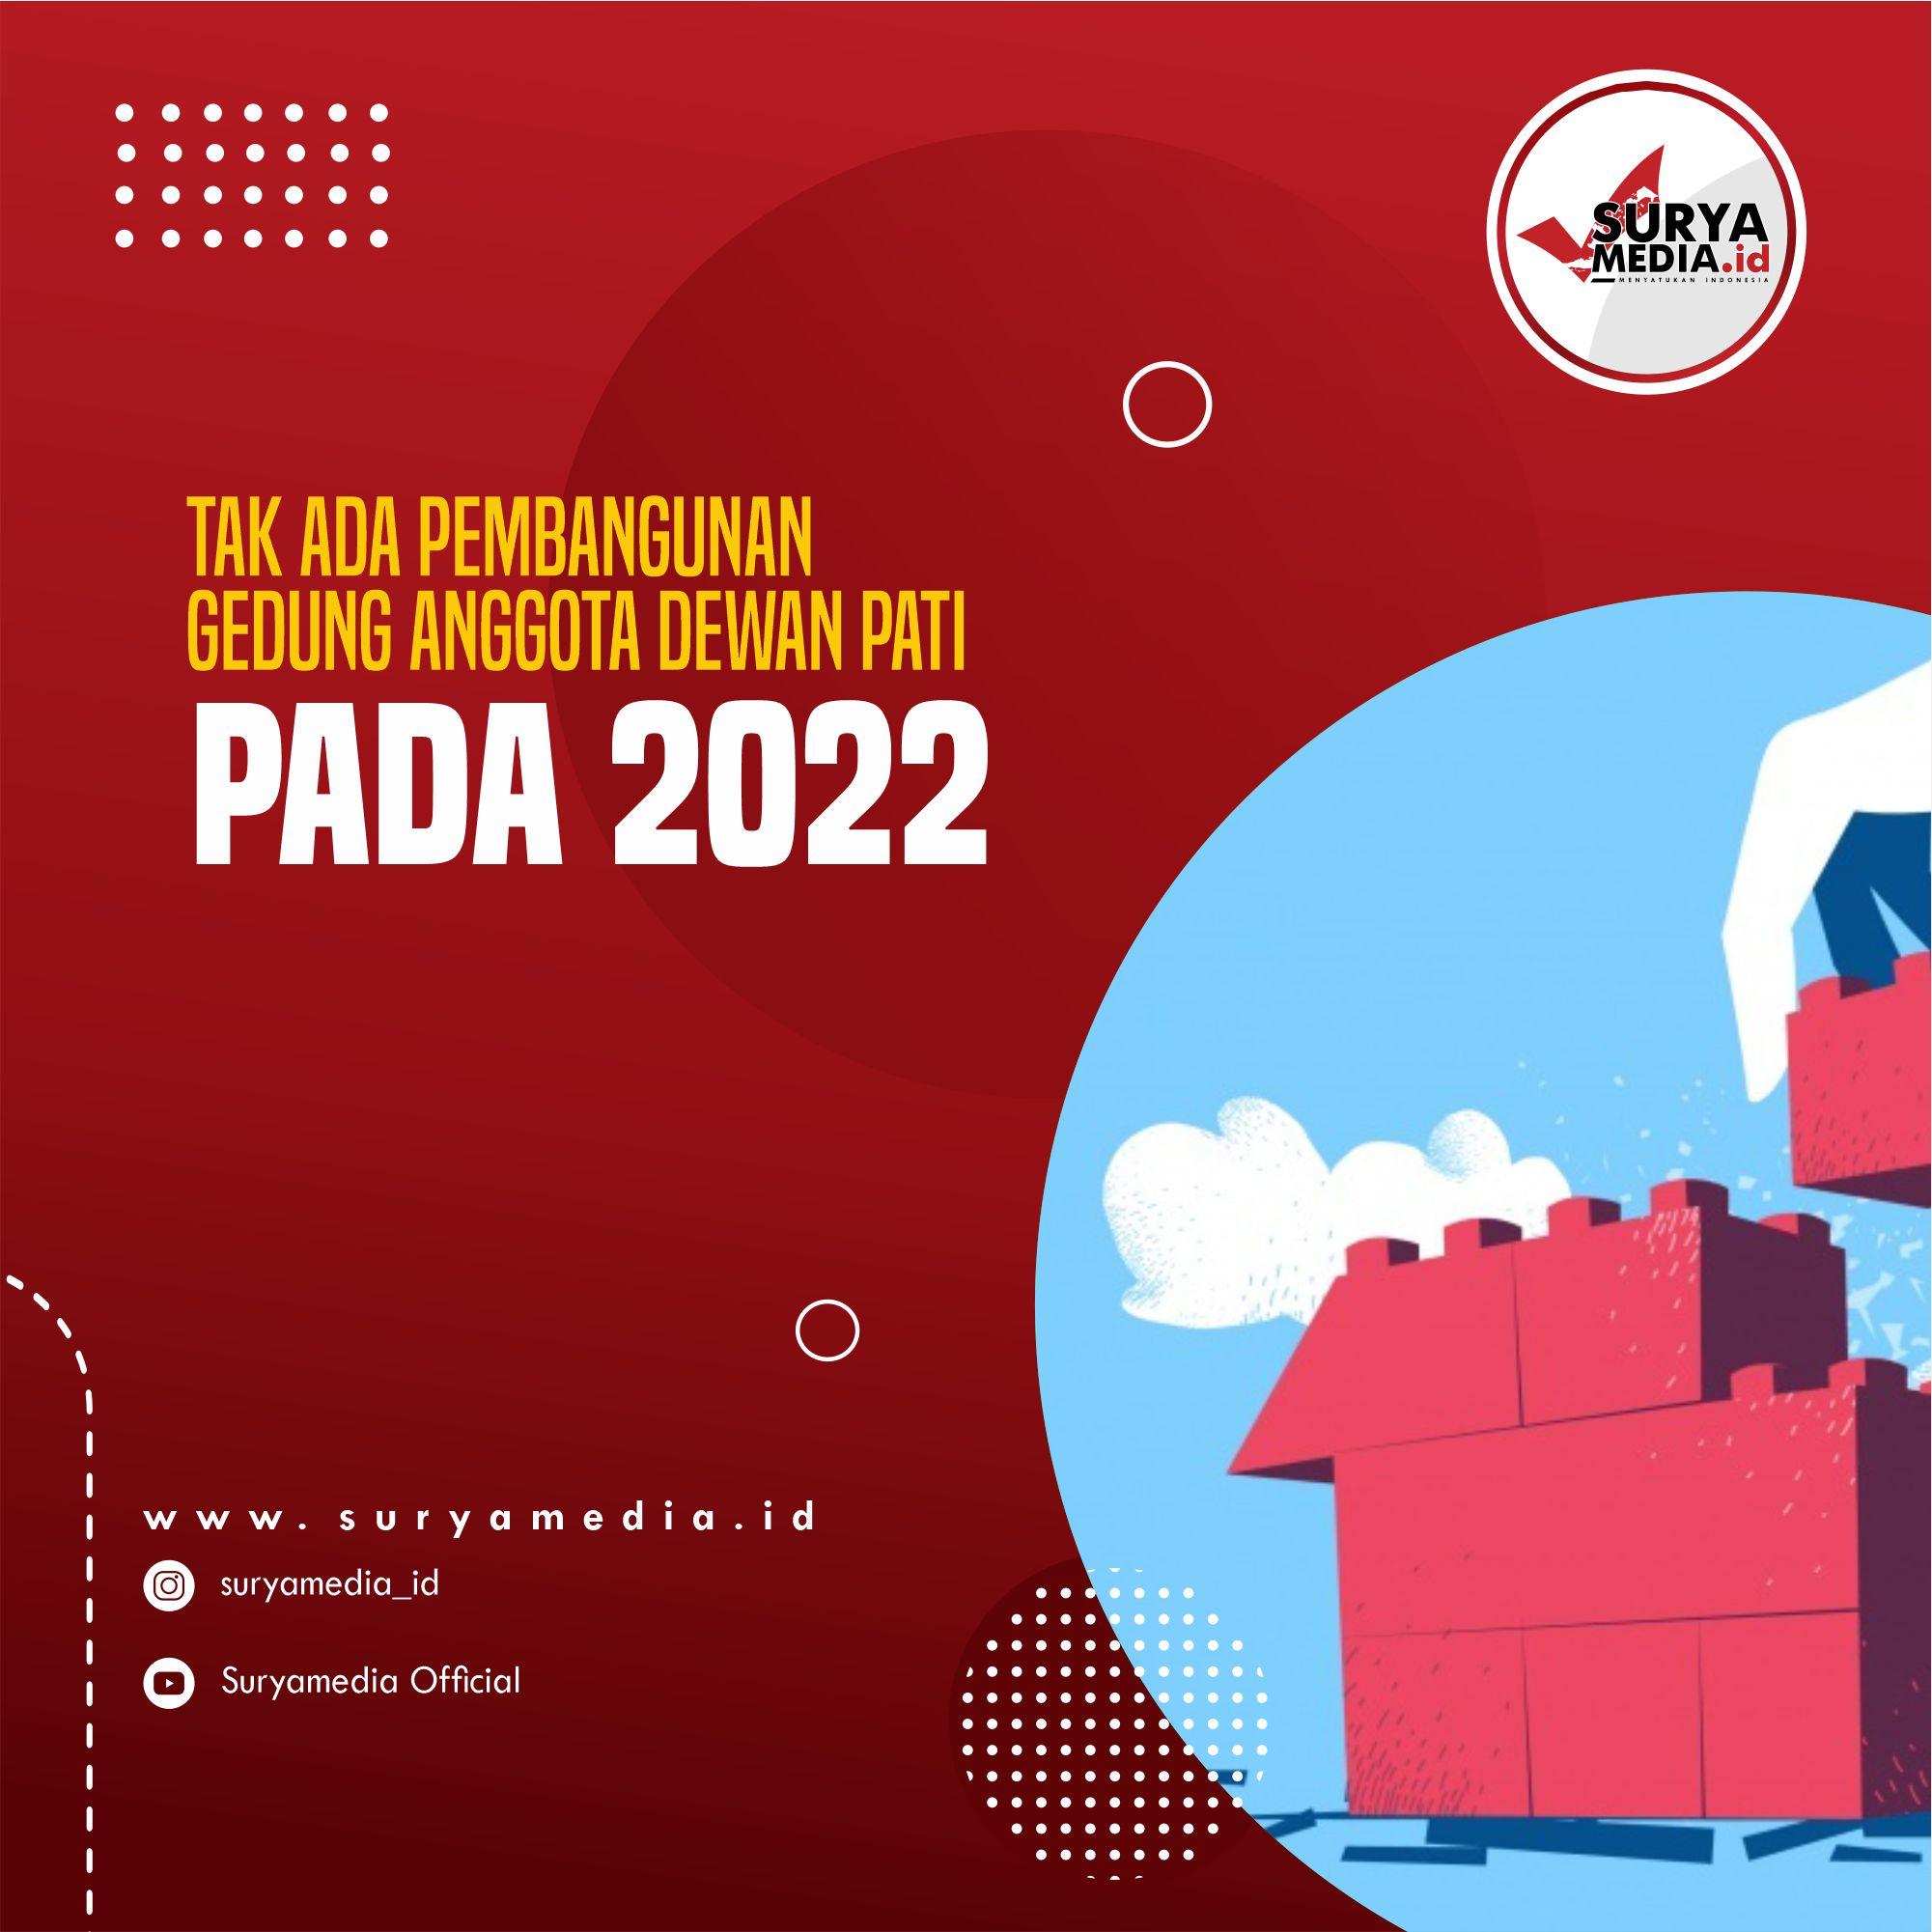 Pandemi Covid-19, Tak Ada Pembangunan Gedung Anggota Dewan Pati pada 2022 A